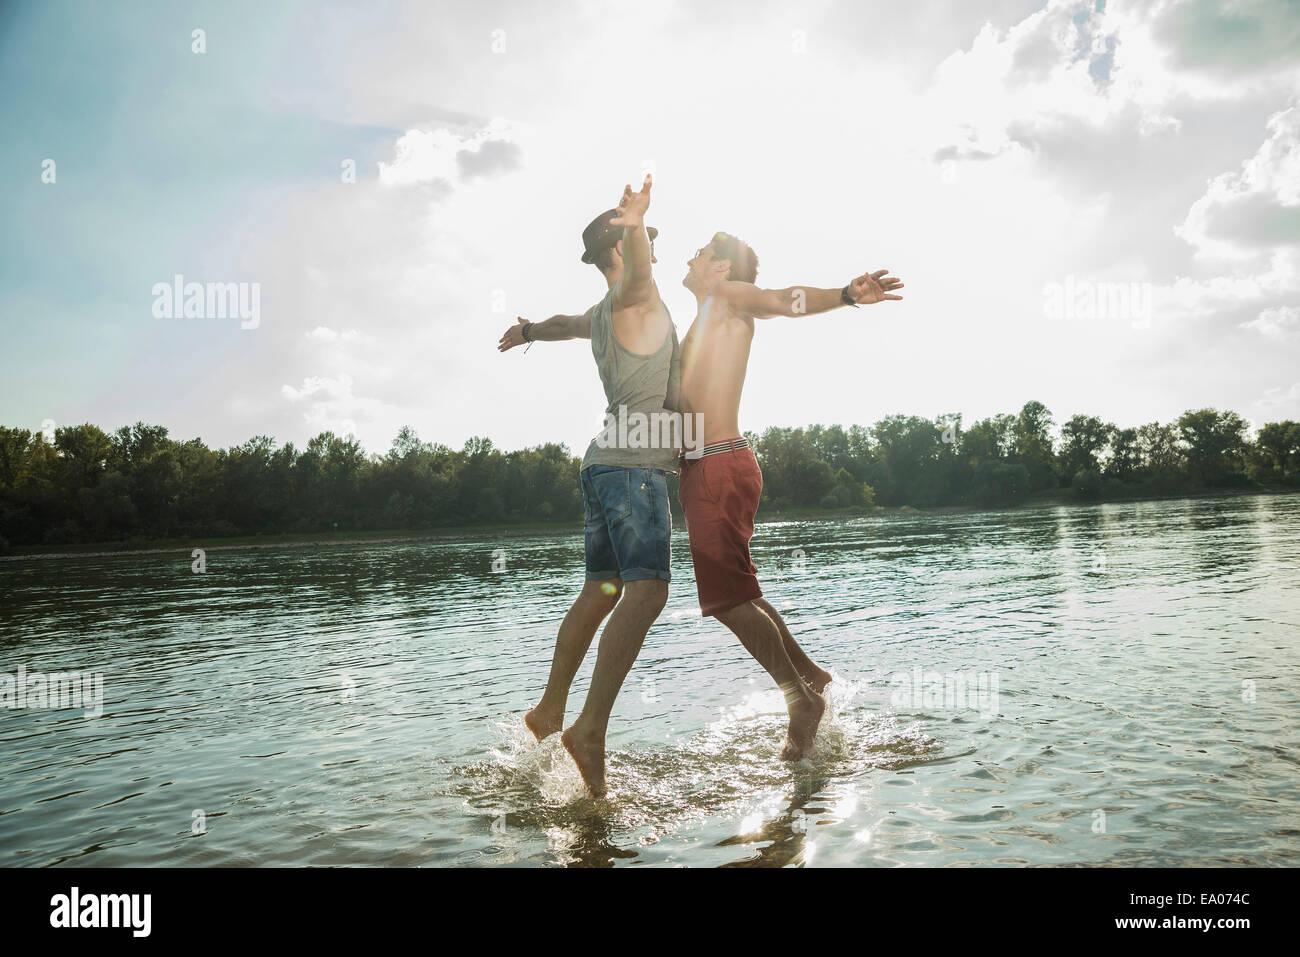 Junge Männer Brust stoßen in See Stockbild